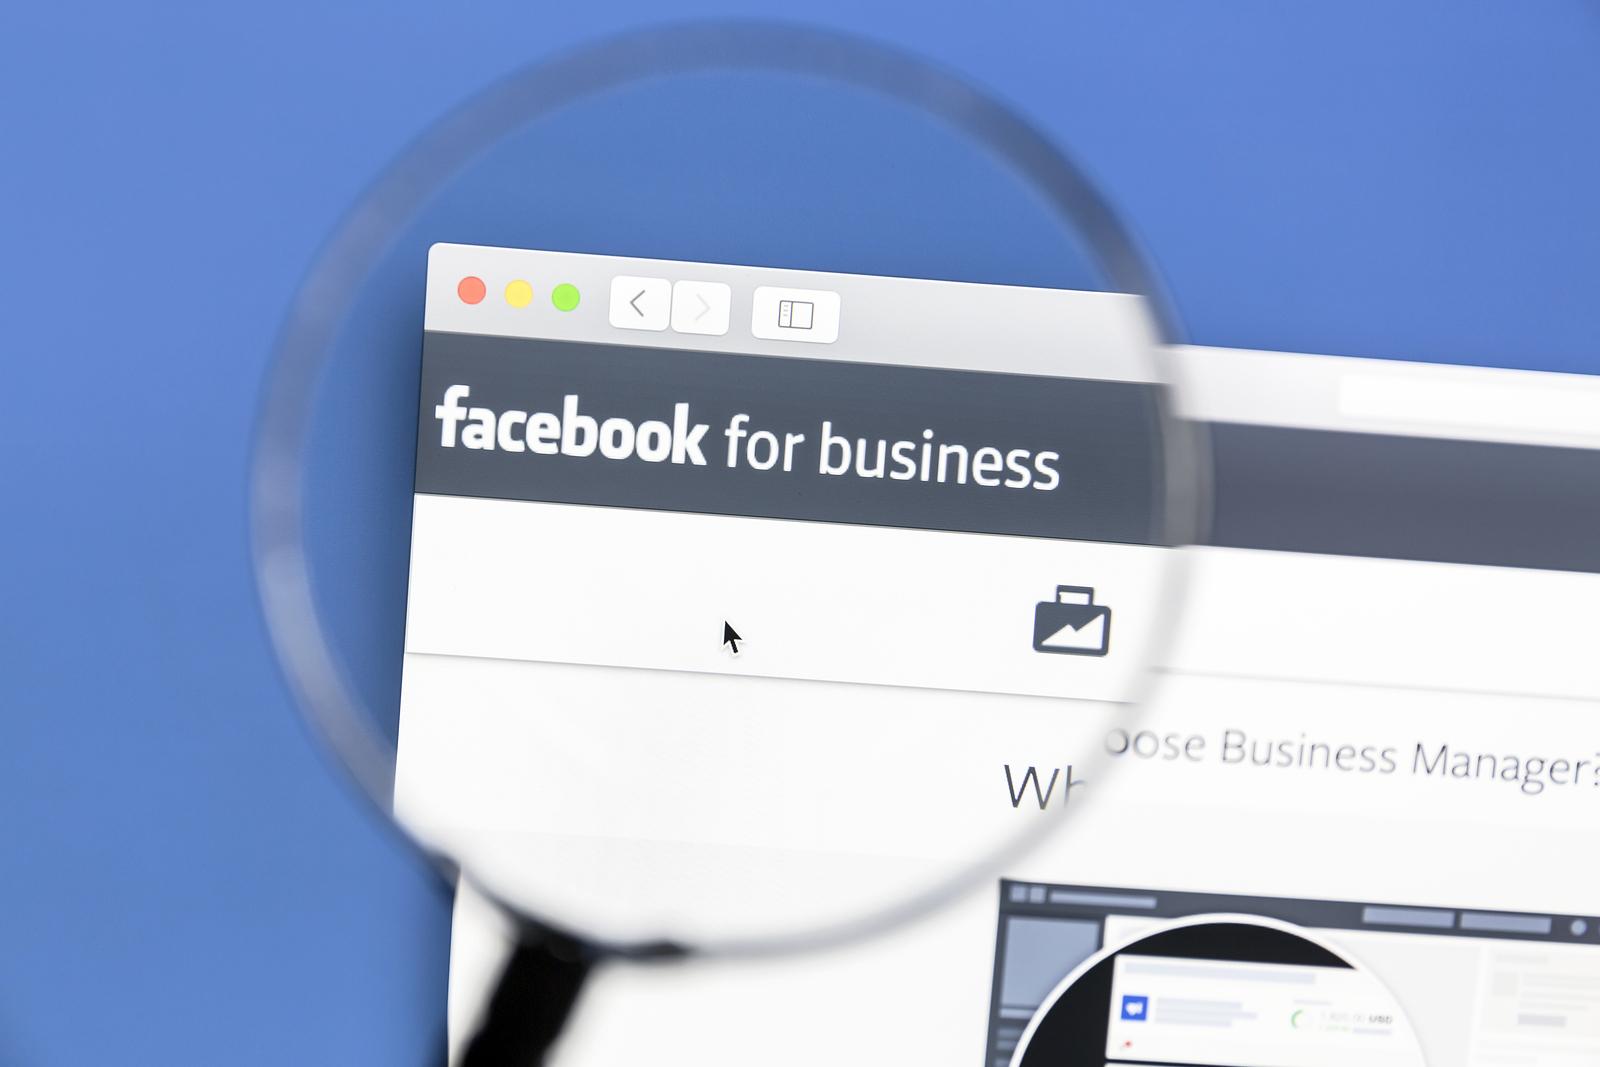 Come le pagine di Facebook possono iniziare ad attrarre nuovi like più velocemente